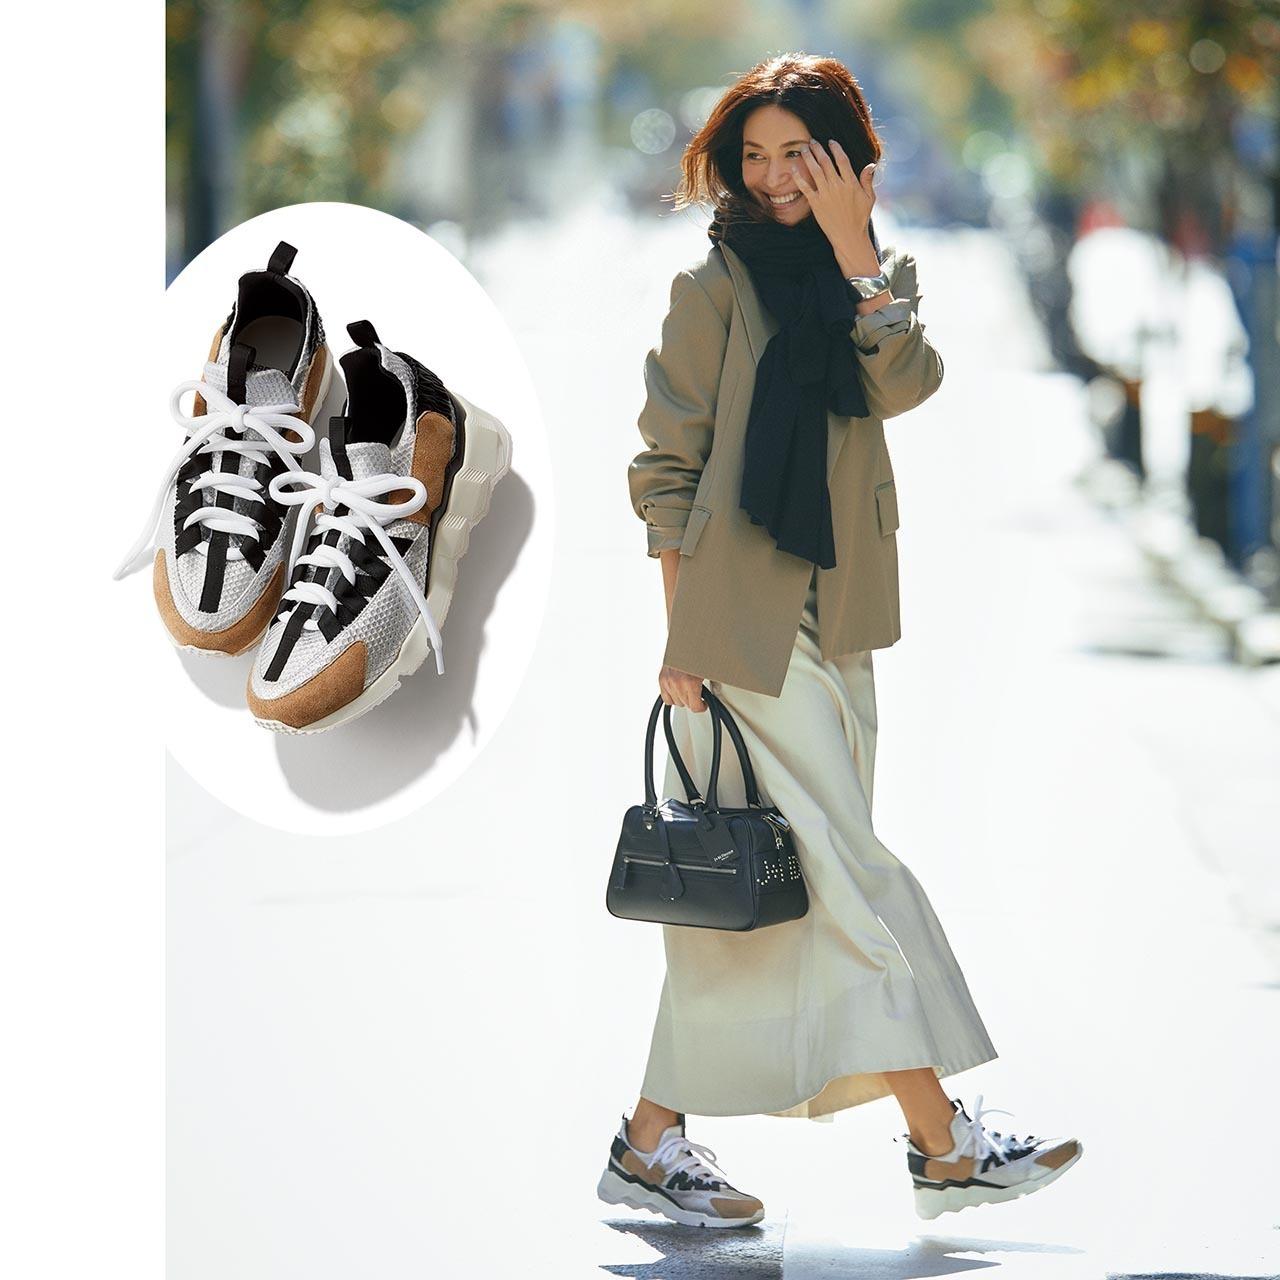 ジャケット×スニーカーのファッションコーデ